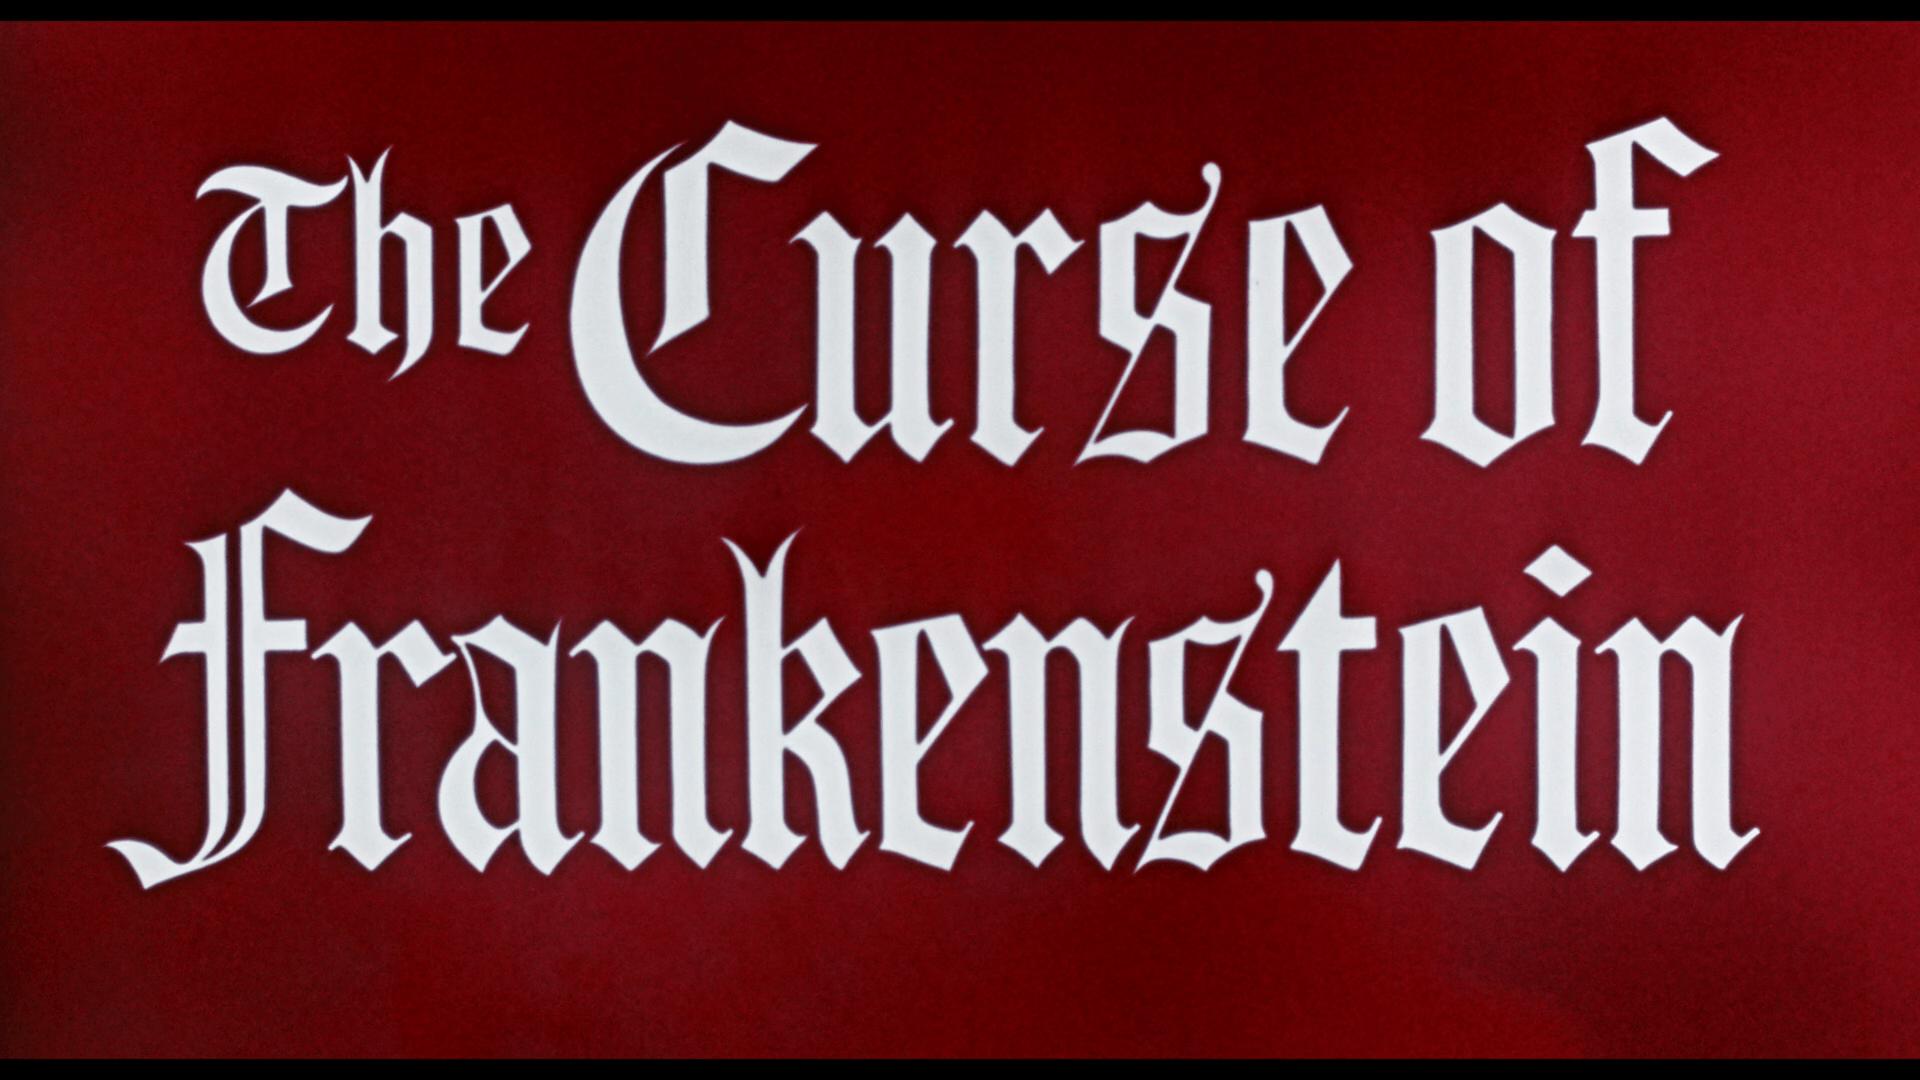 curse of frankenstein title